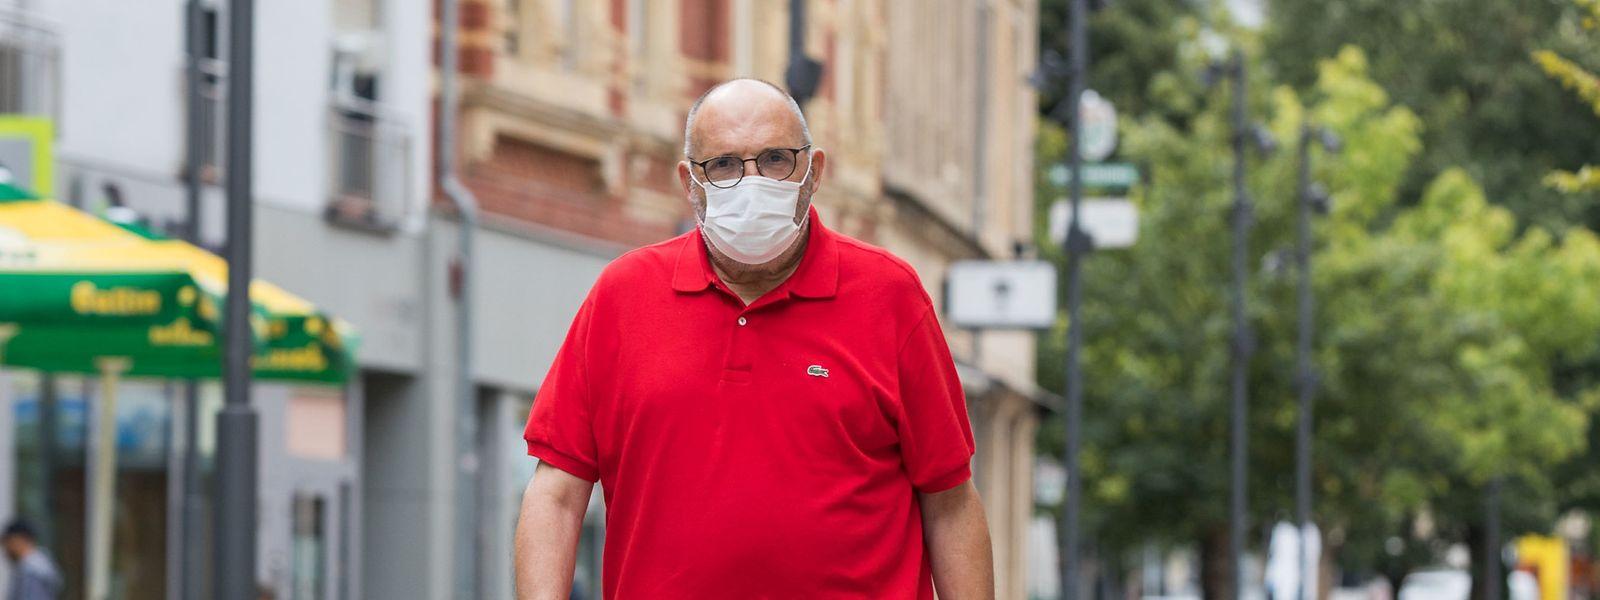 Jacques Woeffler fait partie de quelque 5.750 malades guéris à ce jour.